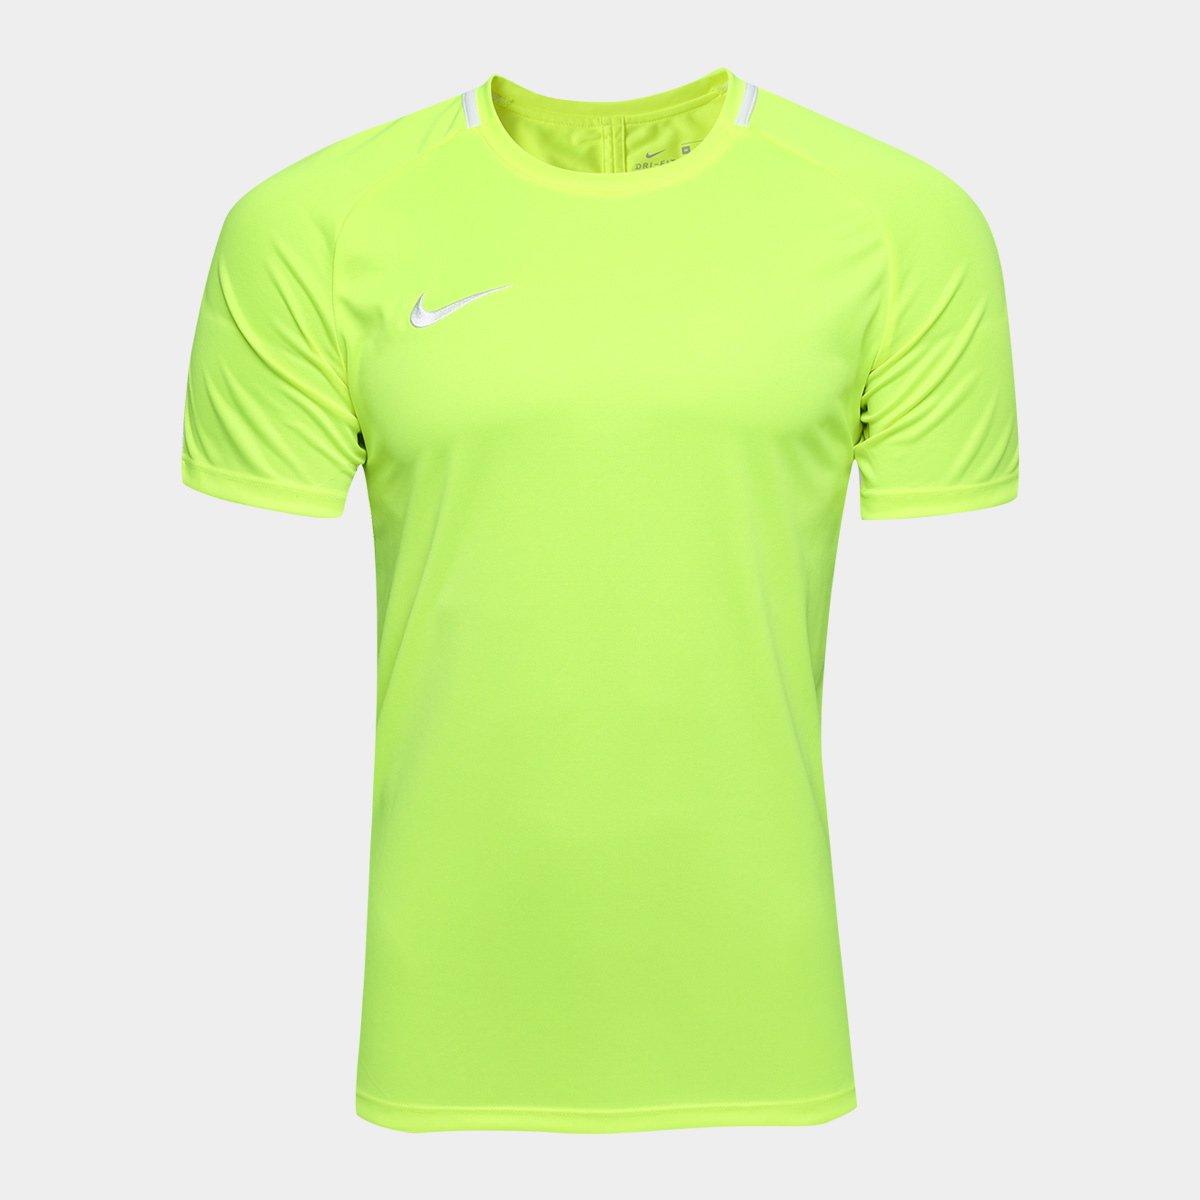 5bfb7e21cc628 Camisa Nike Academy Masculina - Verde Limão - Compre Agora